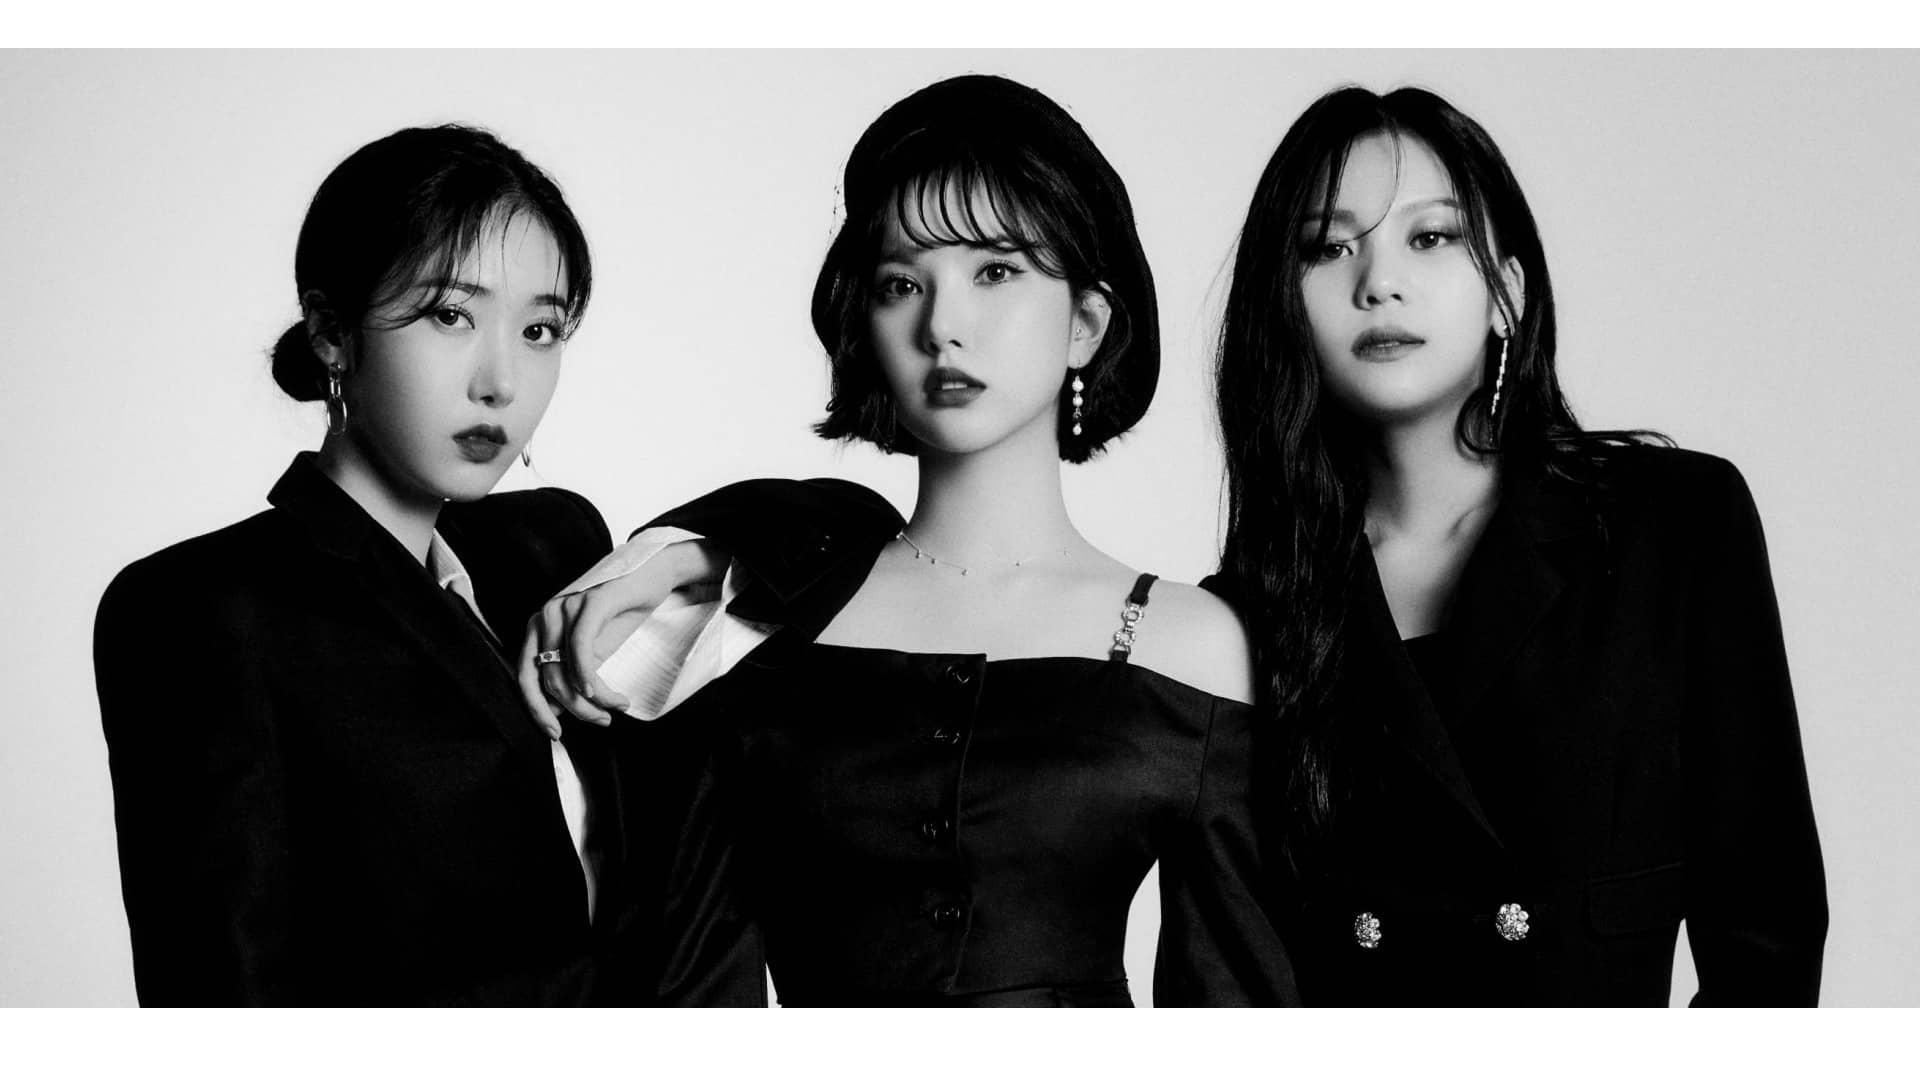 VIVIZ – novo Kpop grupo de meninas, integrantes, perfis, fatos e curiosidades